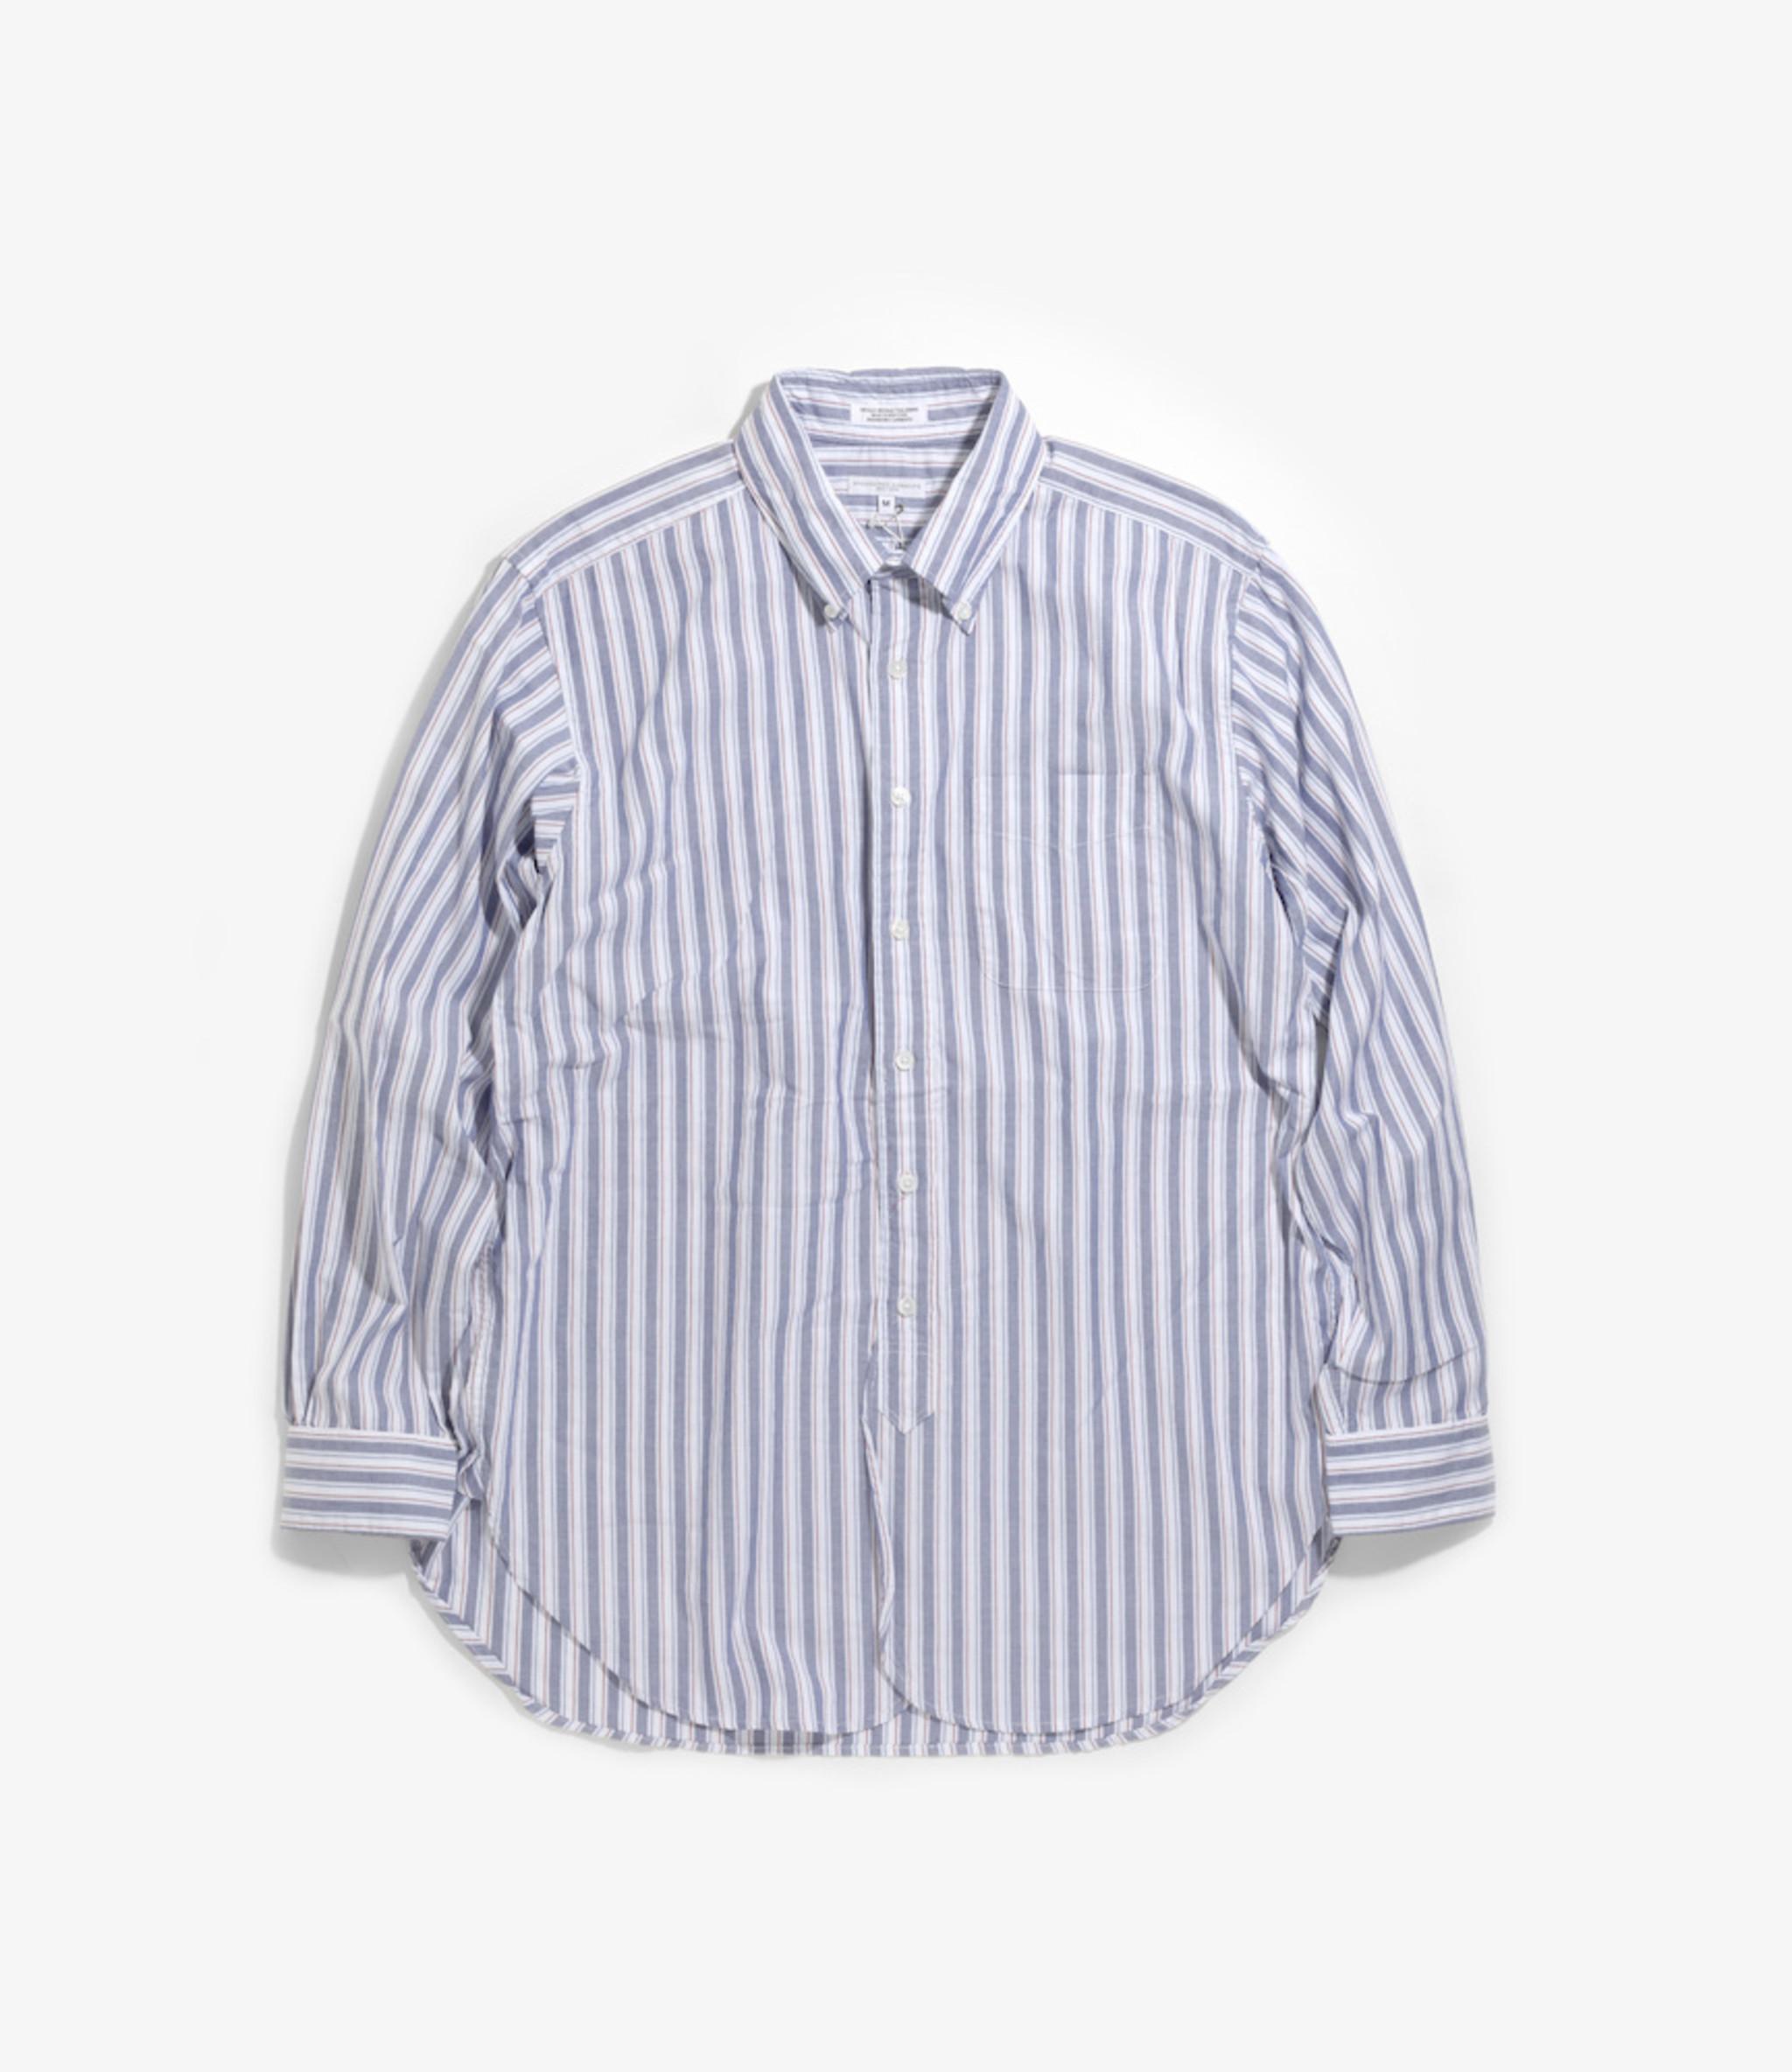 Engineered Garments 19 Century BD Shirt - White/Blue/Red Oxford Regimental Stripe